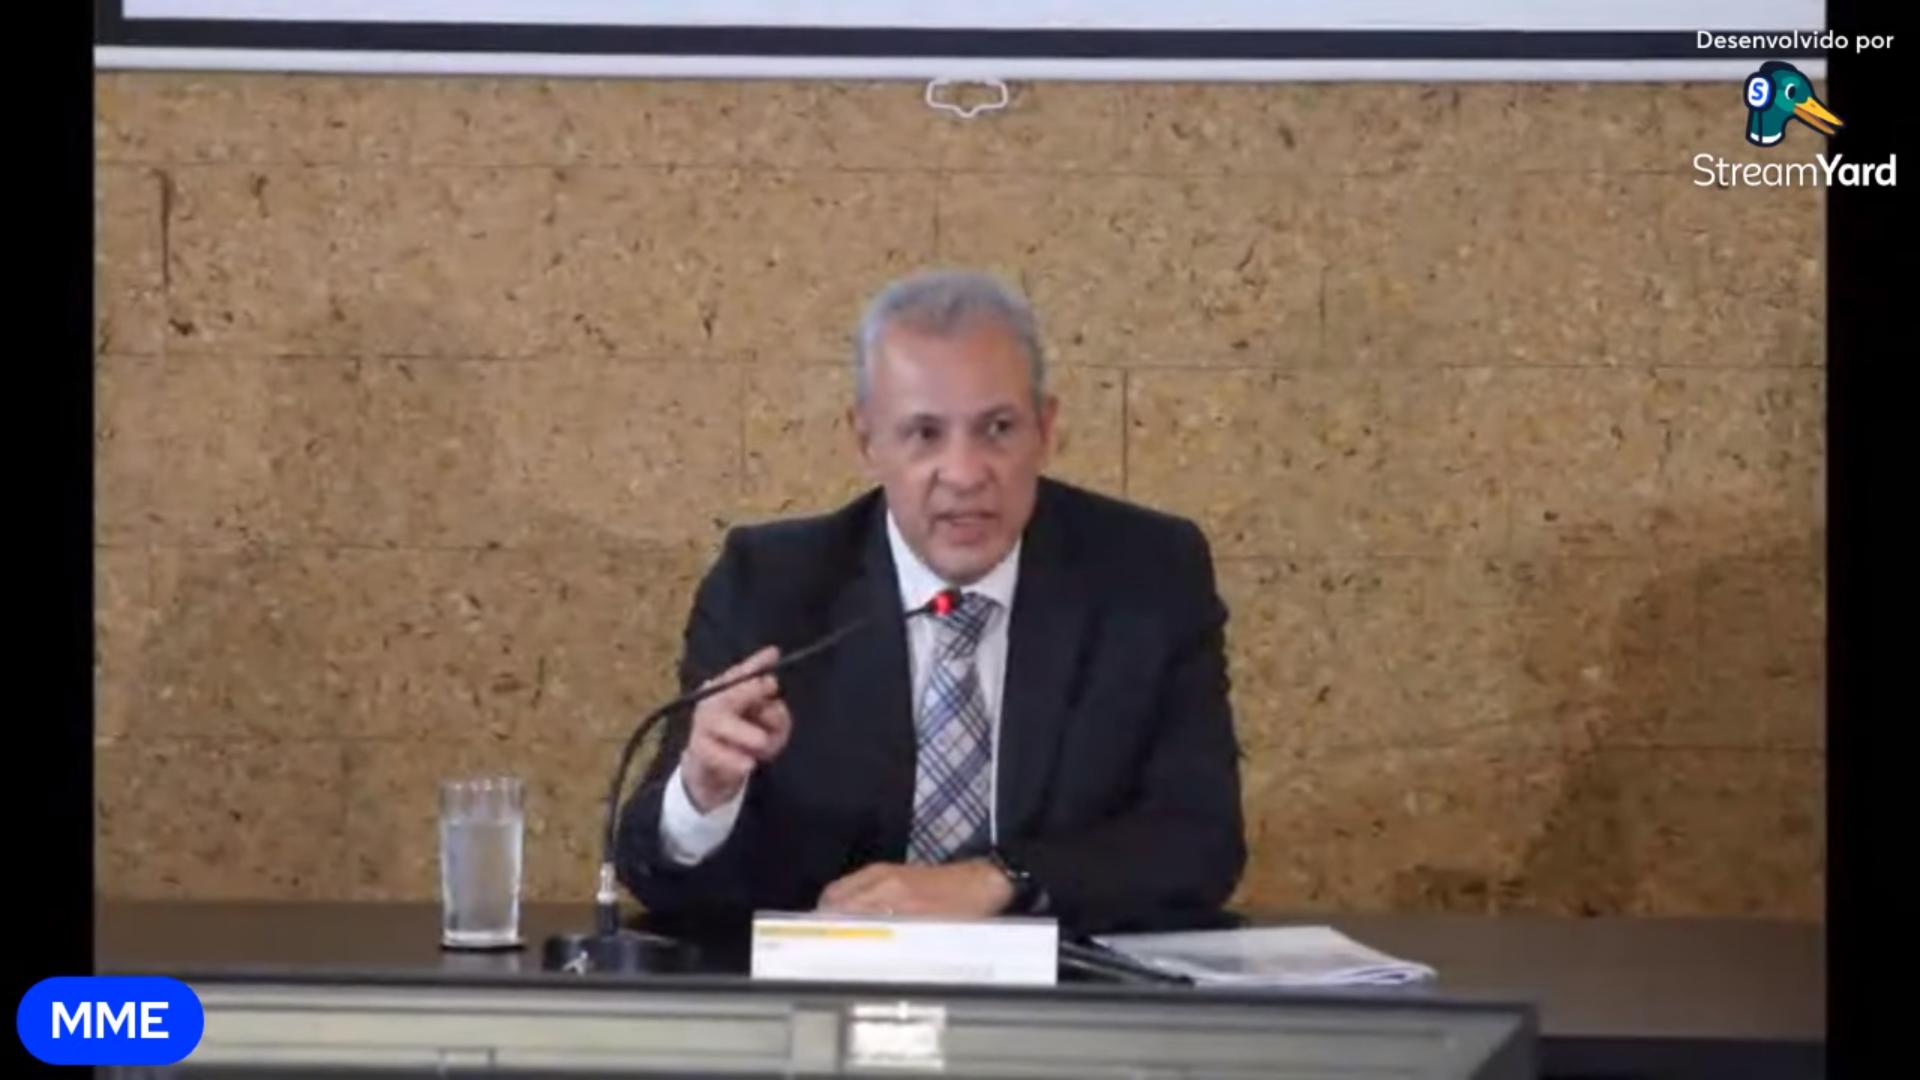 IMAGEM: Ministro de Minas e Energia anuncia aumento de 6,78% na tarifa média da conta de luz